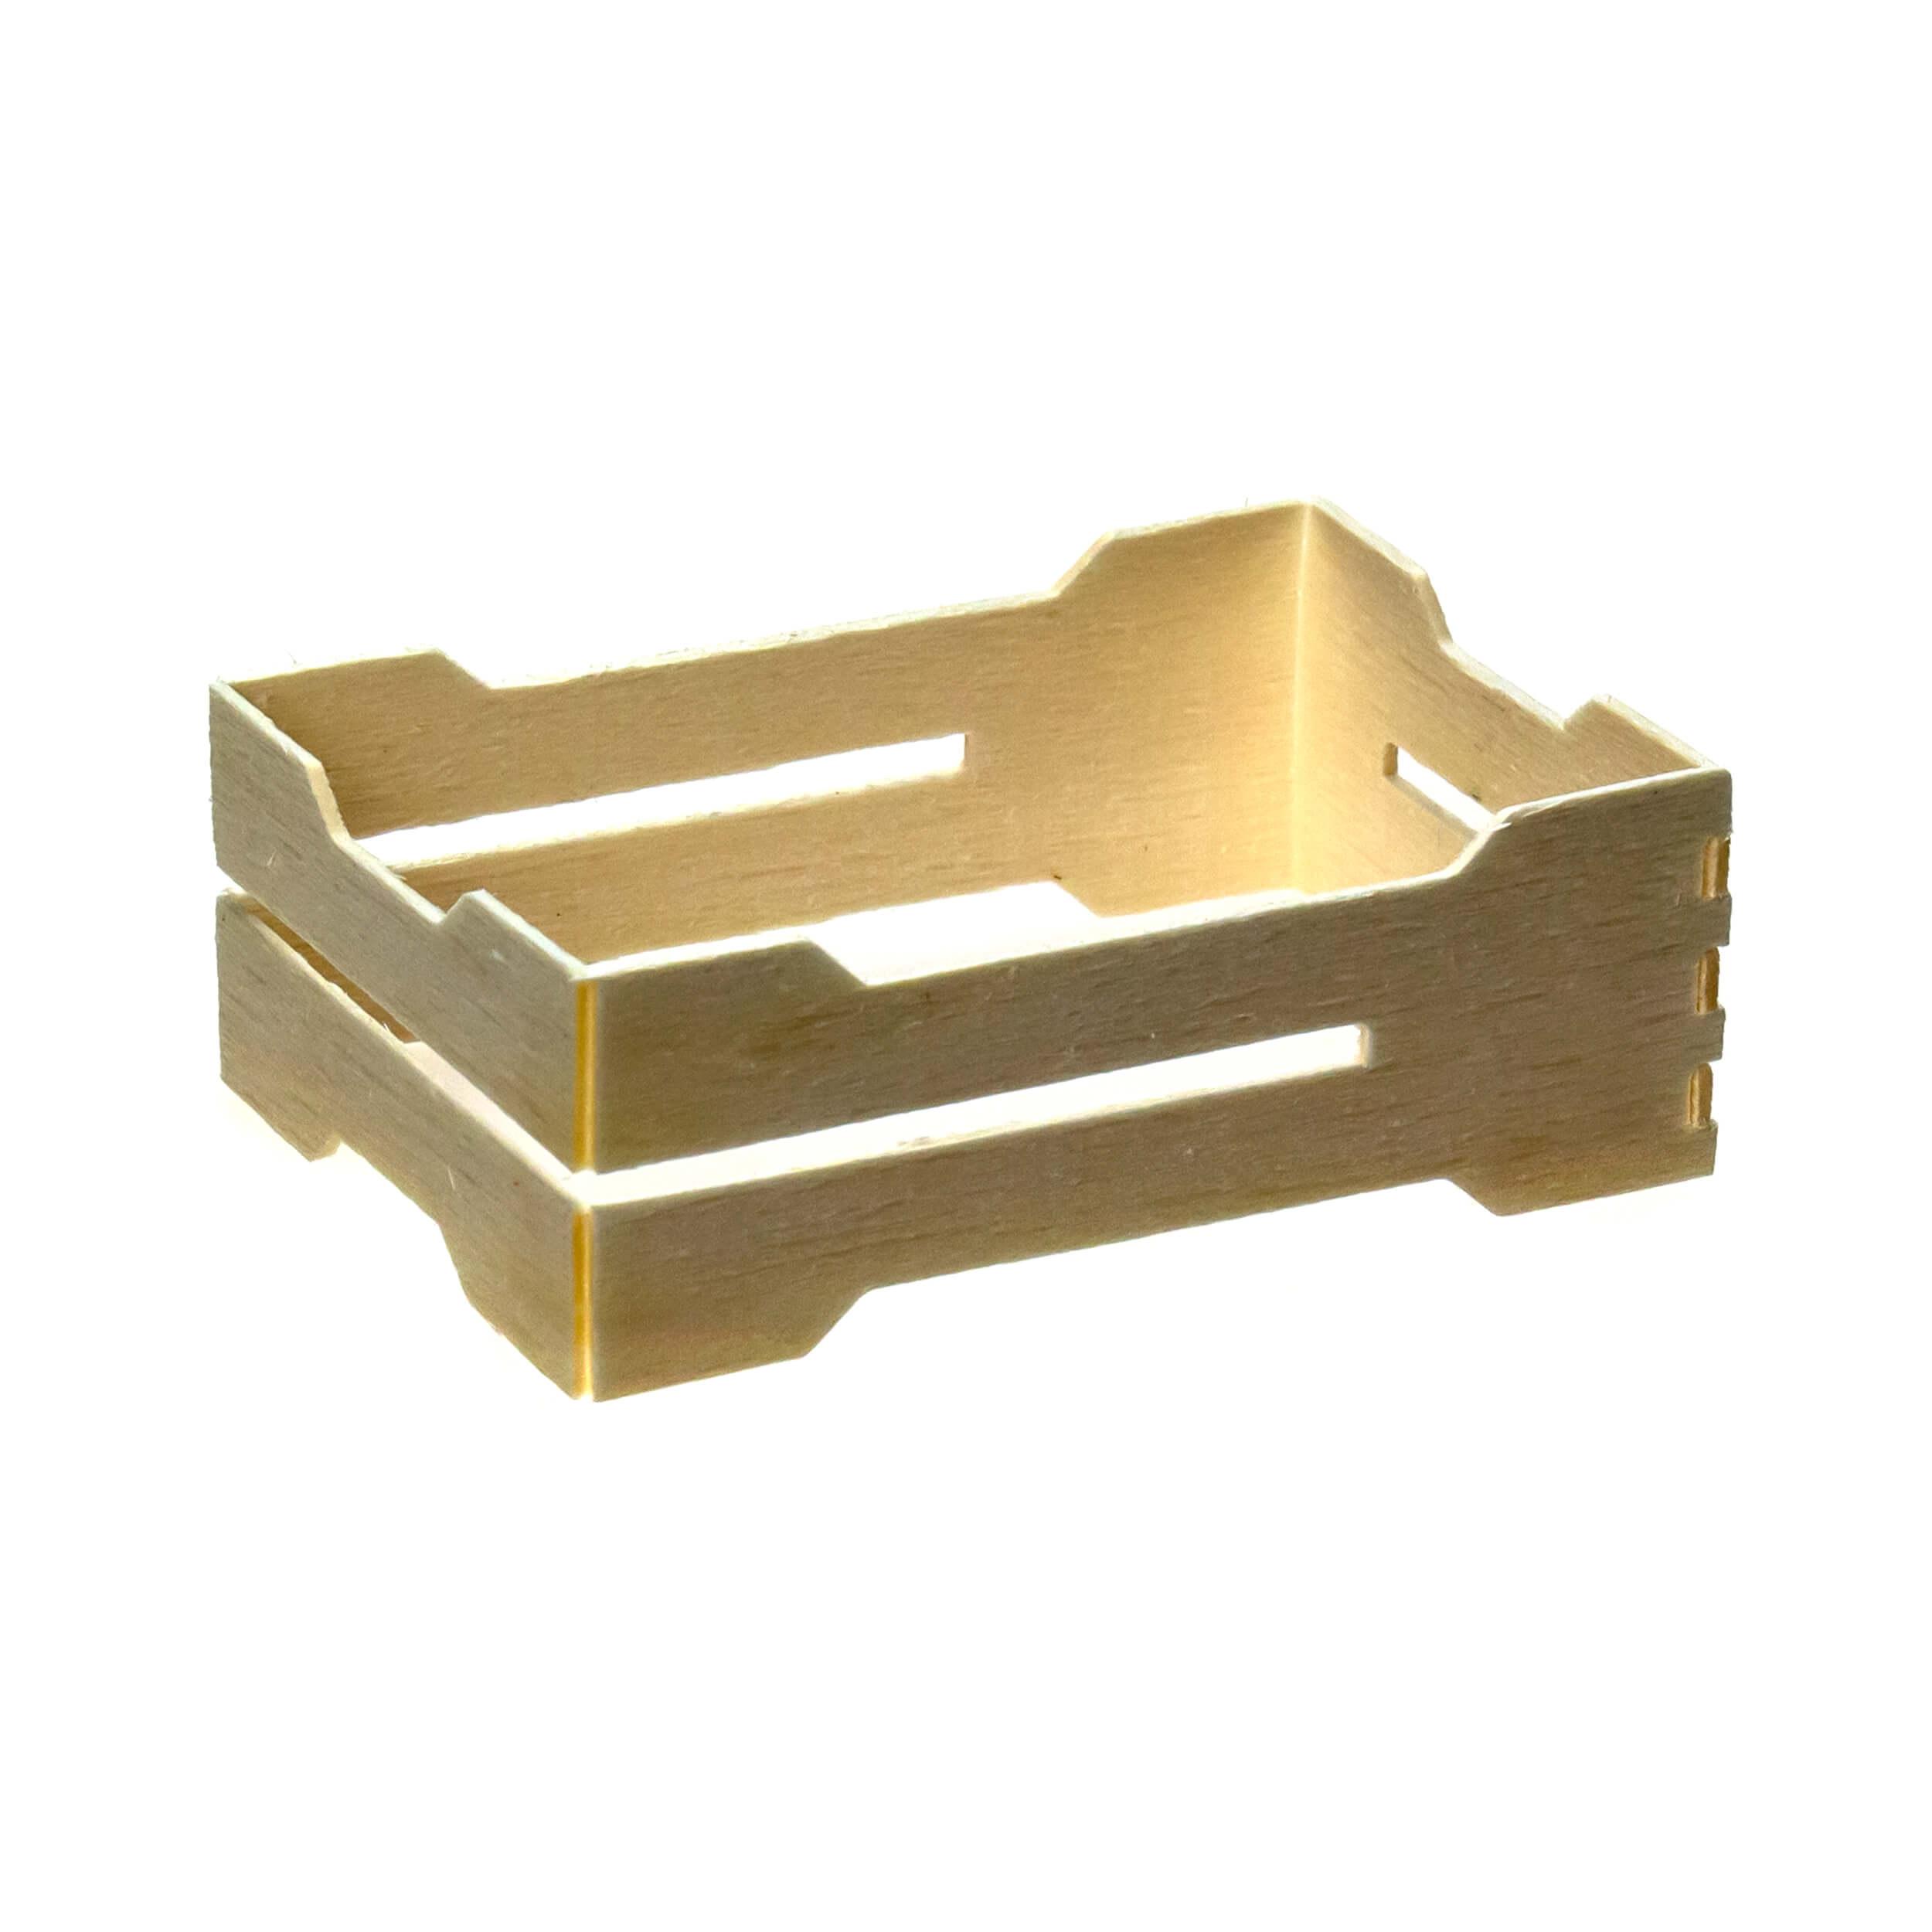 Мини рамка секционная для сотового меда (67х100х37 с универсальными пазами, дерево, упаковка 50 штук) фото